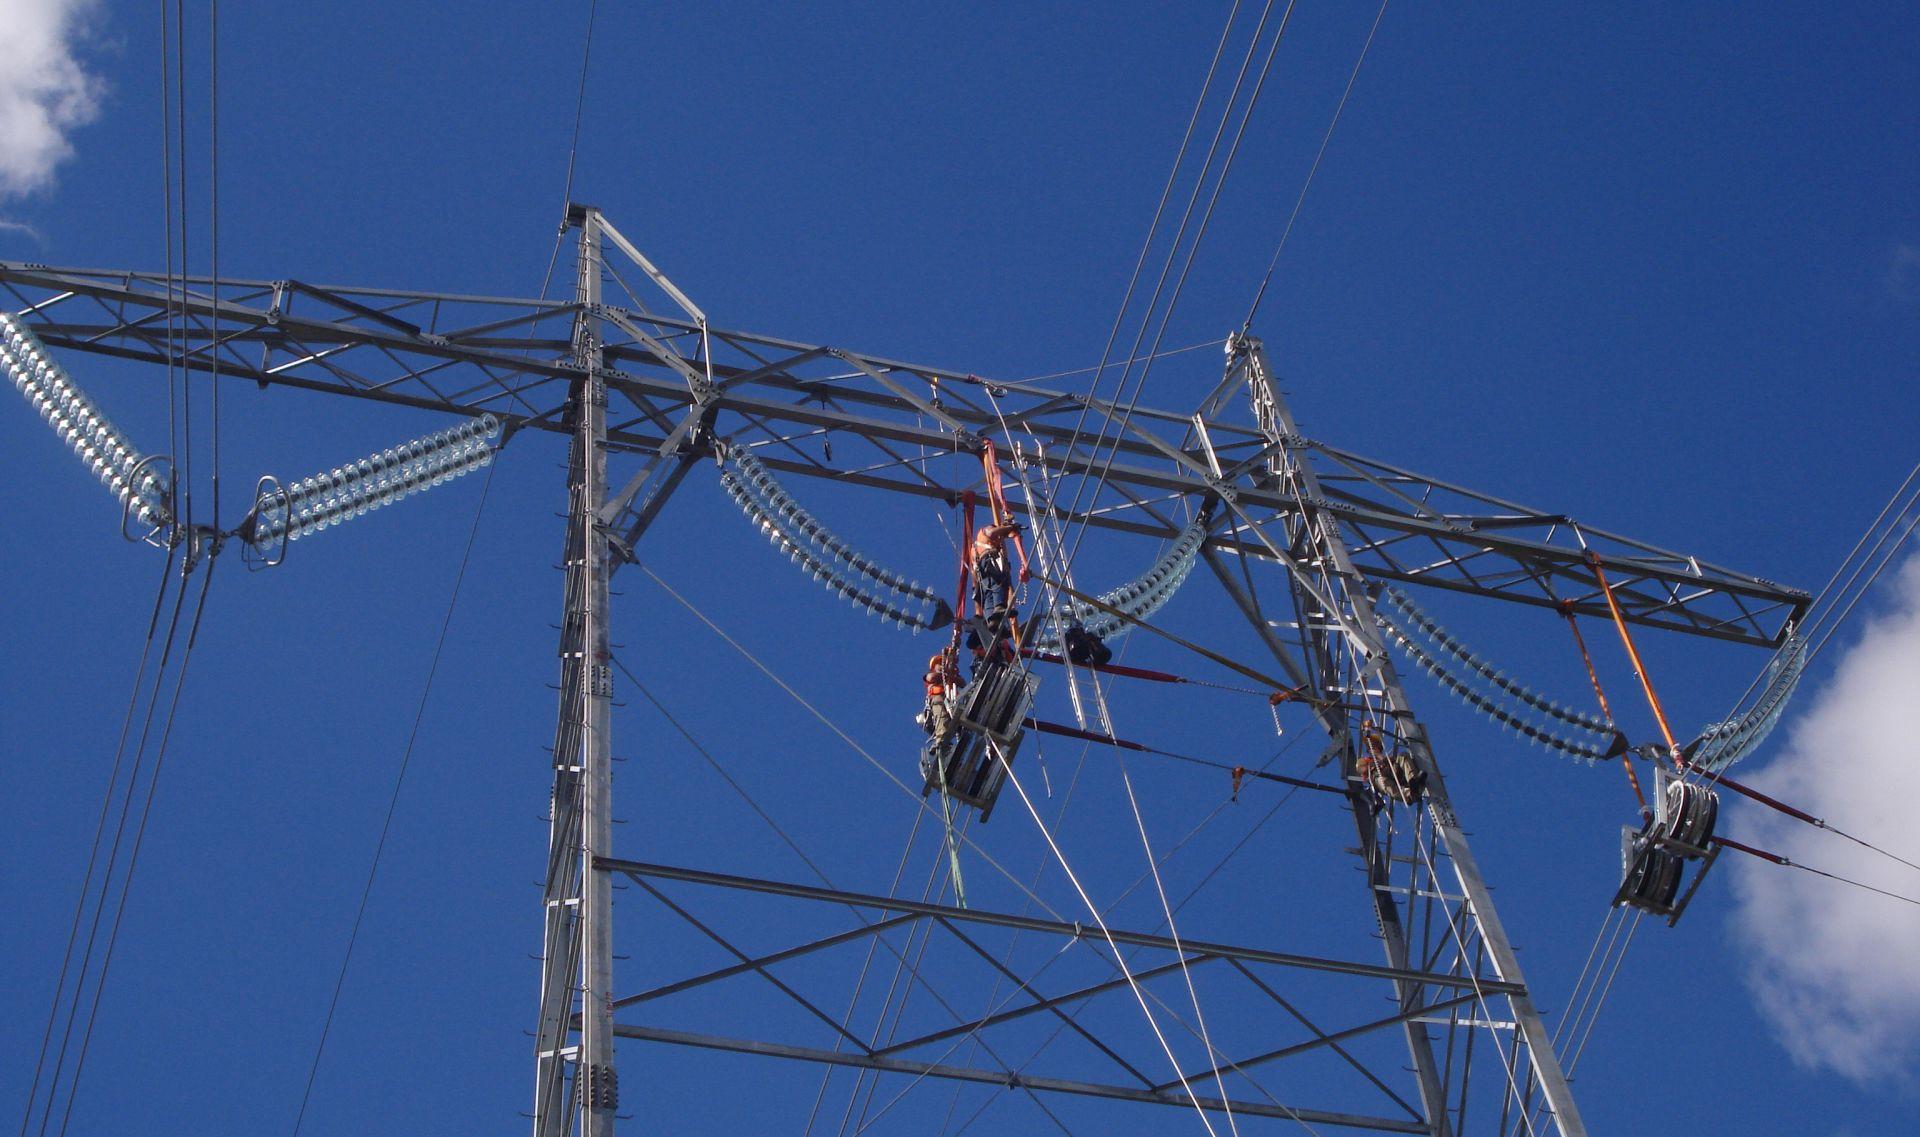 Ruski hakerski napad na elektroenergetsku kompaniju u Vermontu